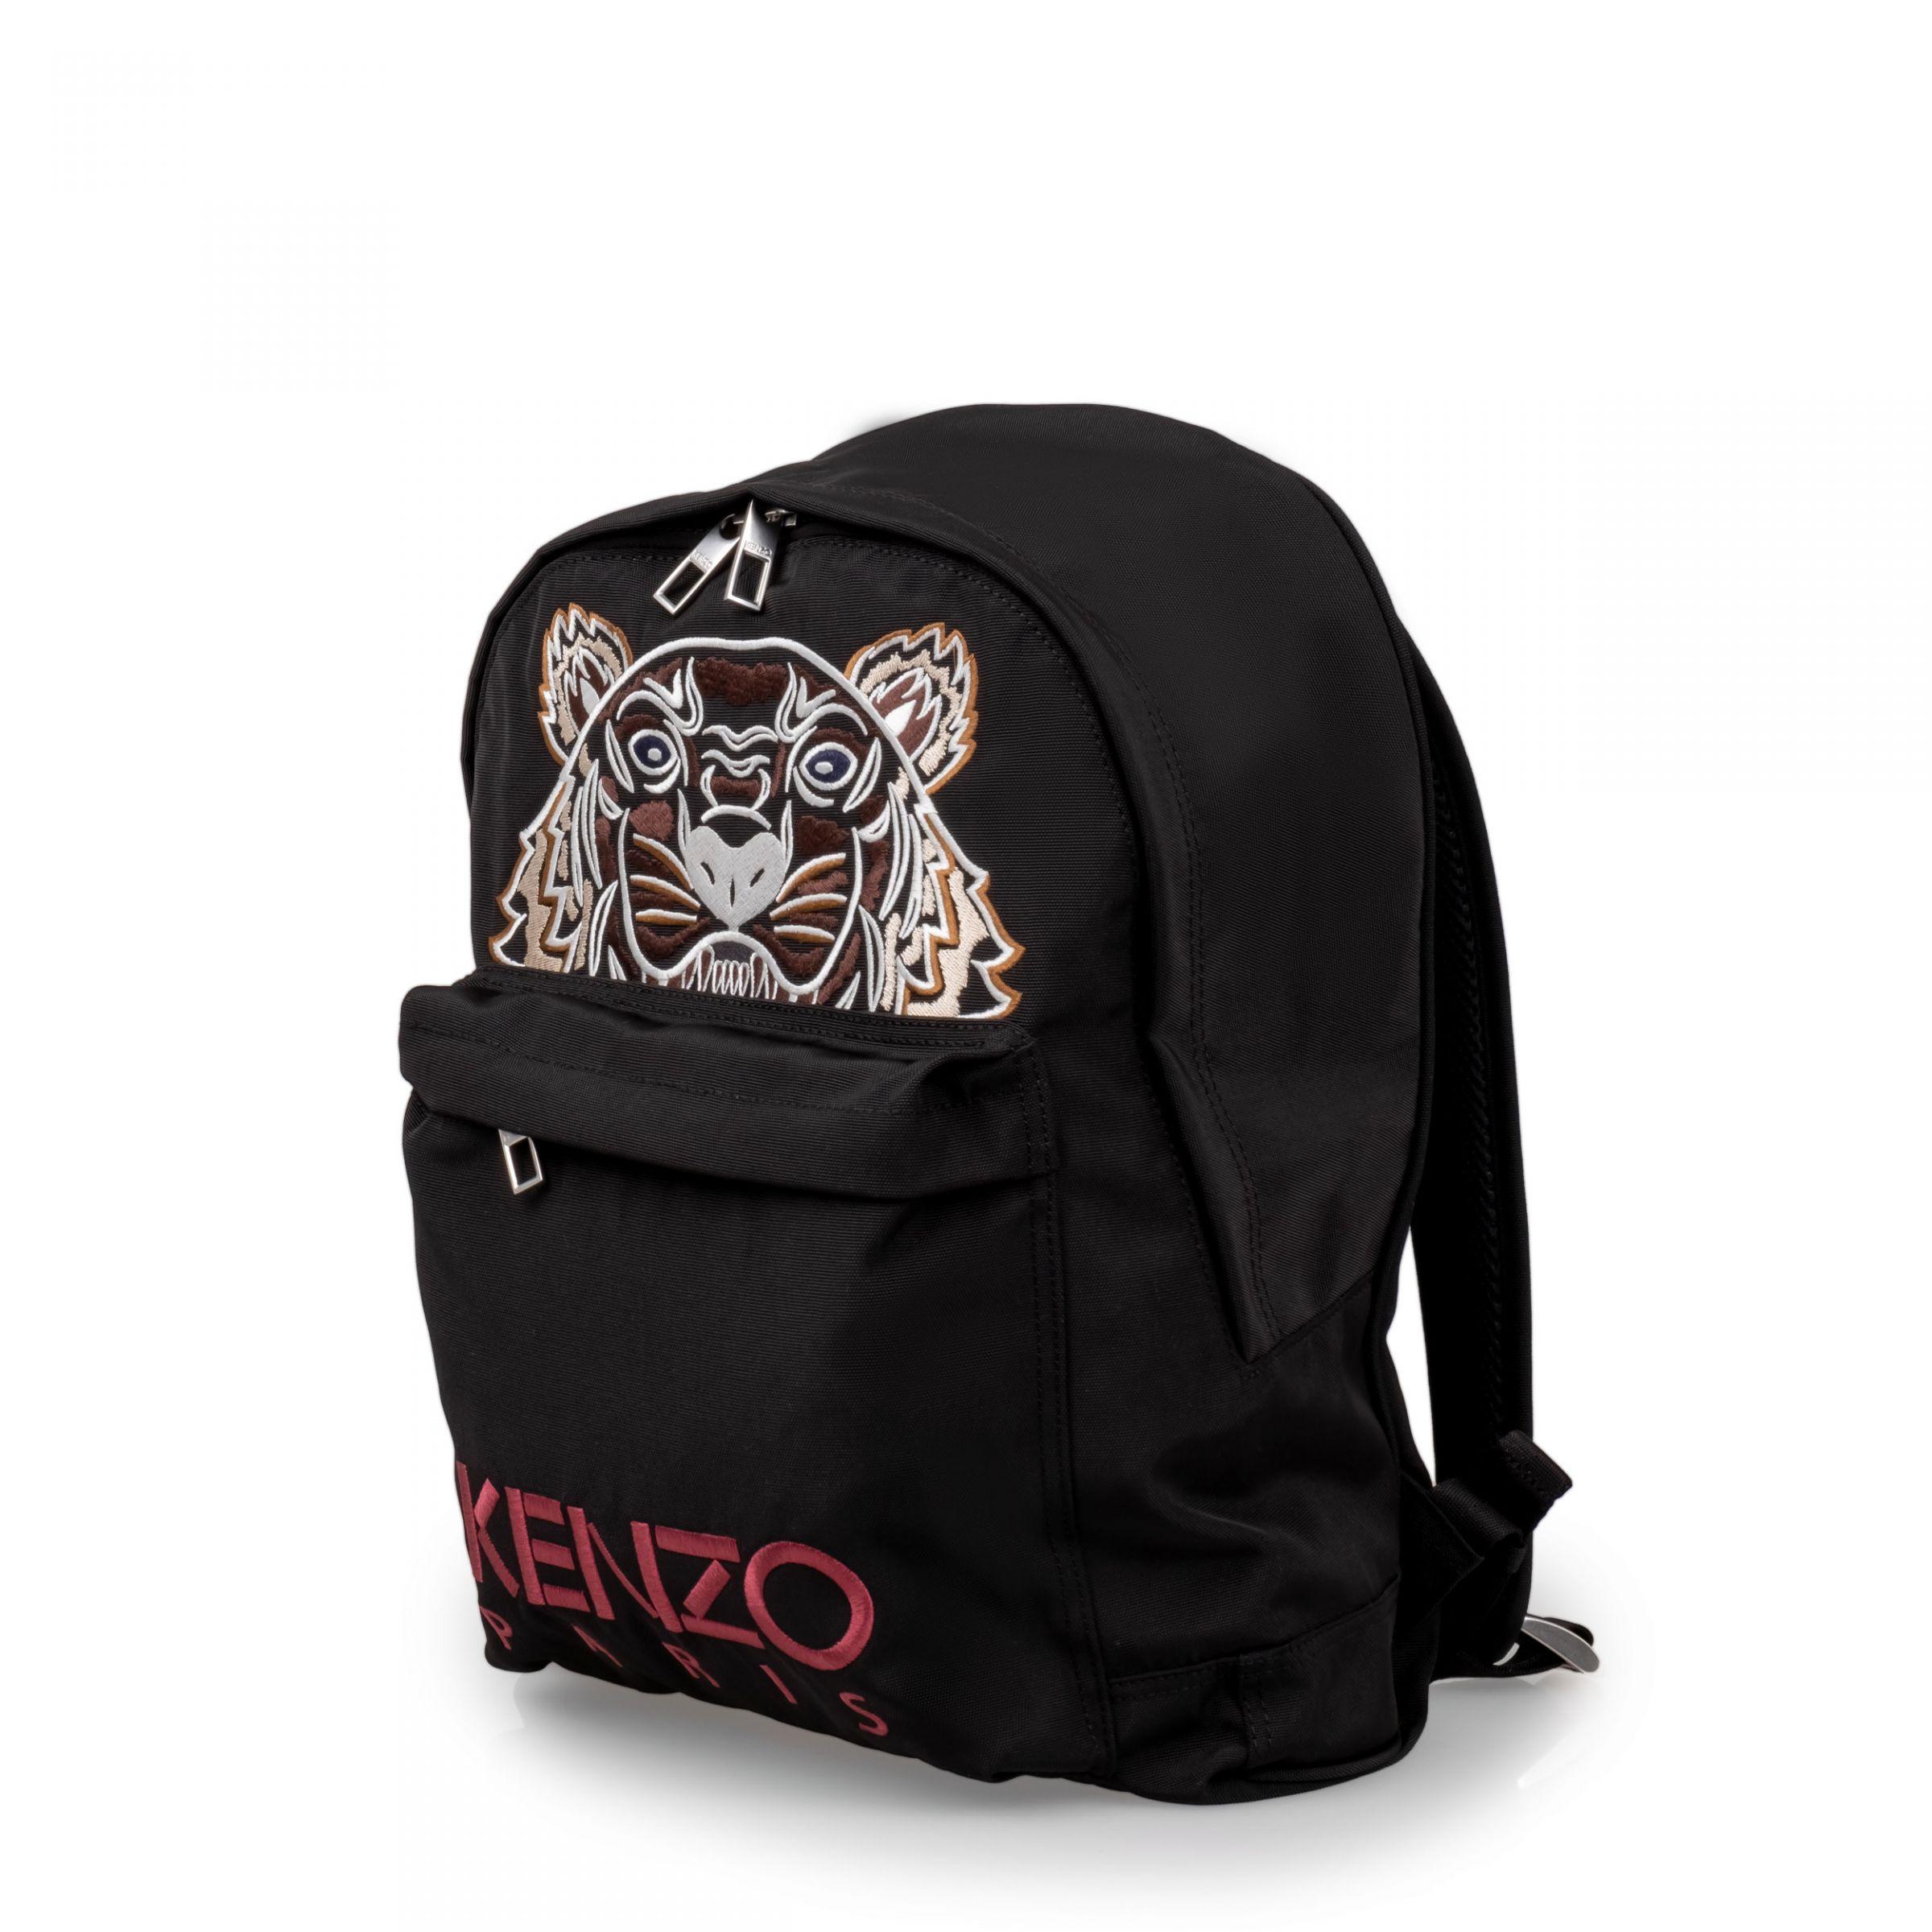 Рюкзак Kenzo Campus Tiger черный